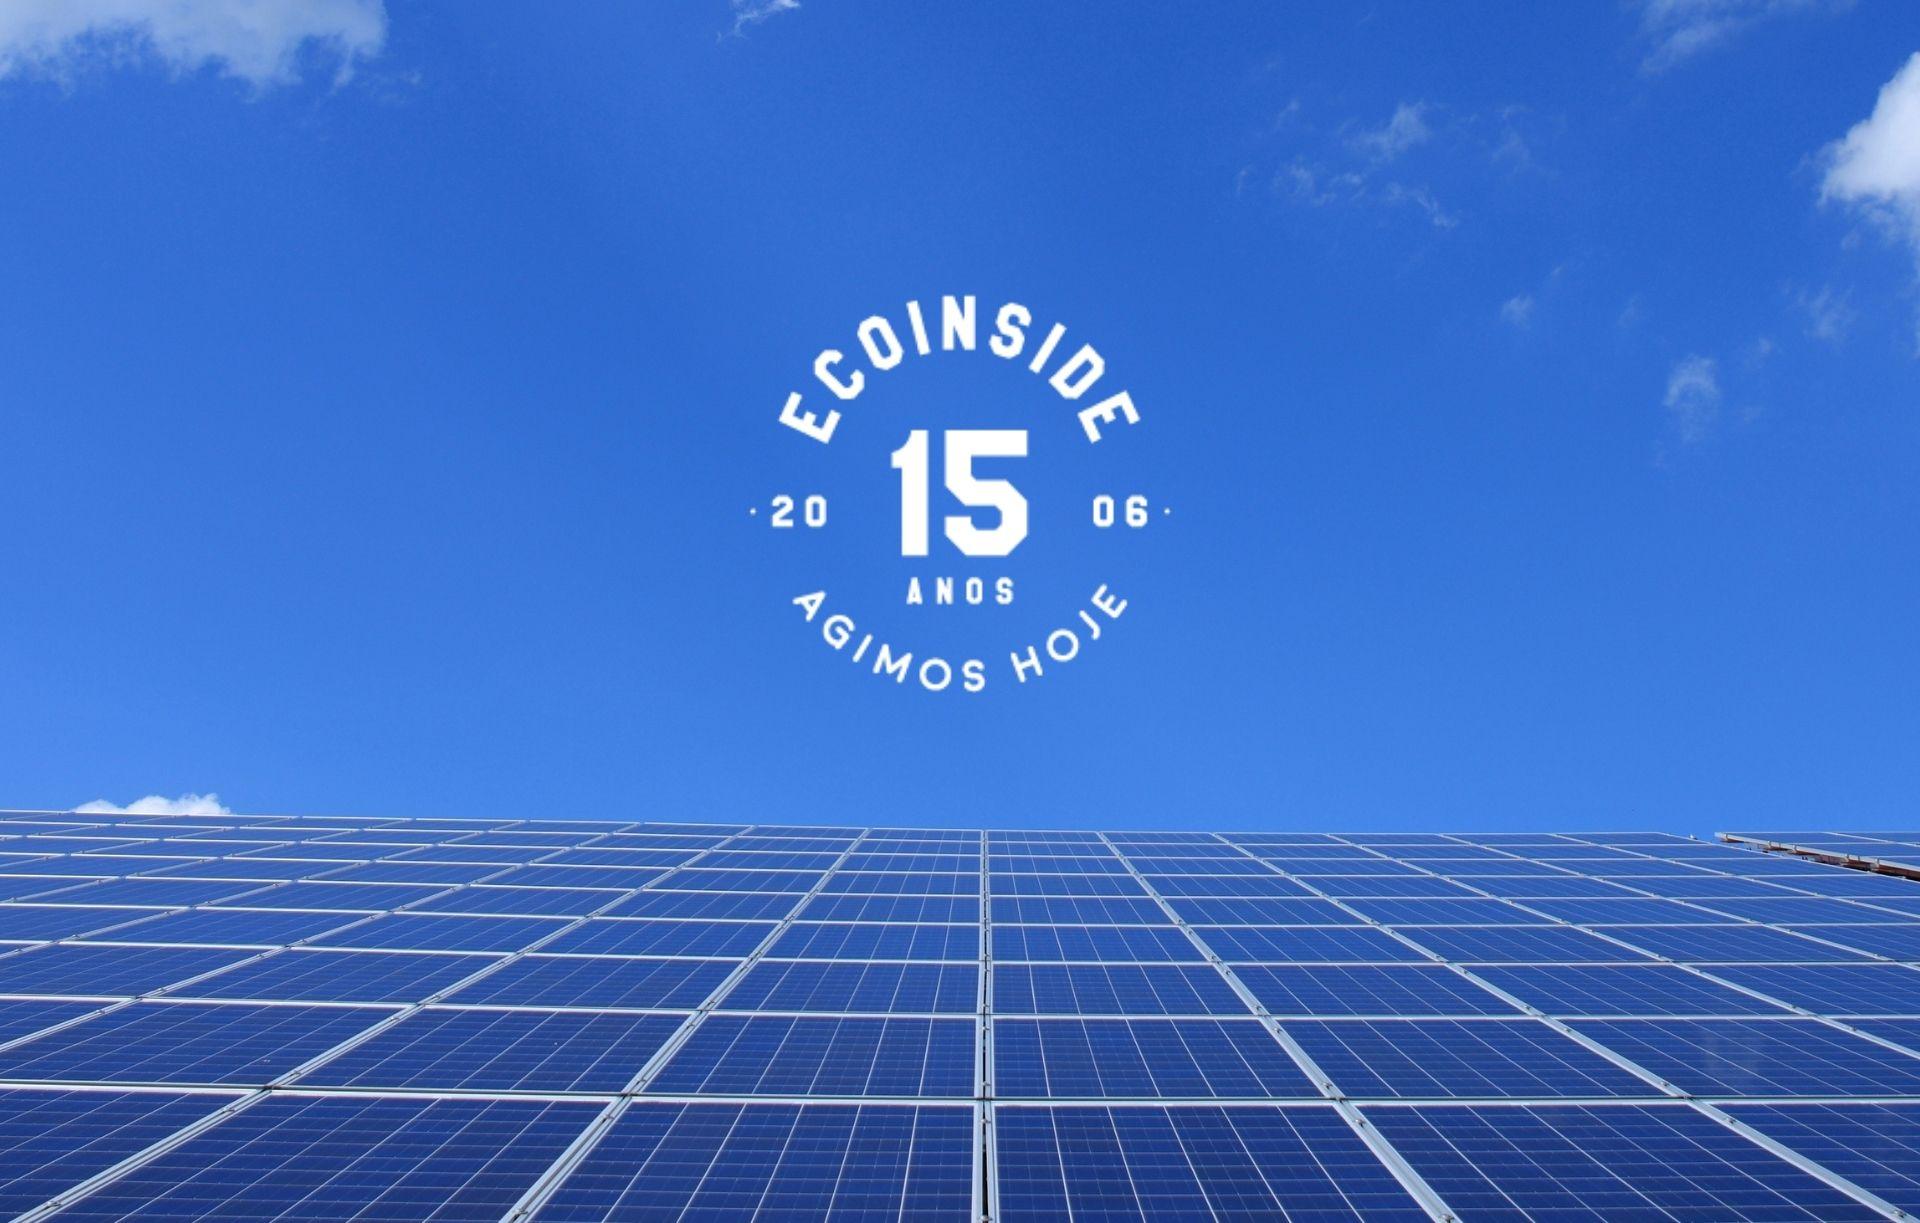 ECOINSIDE realiza negócios de 5,5 milhões de euros nos últimos três anos